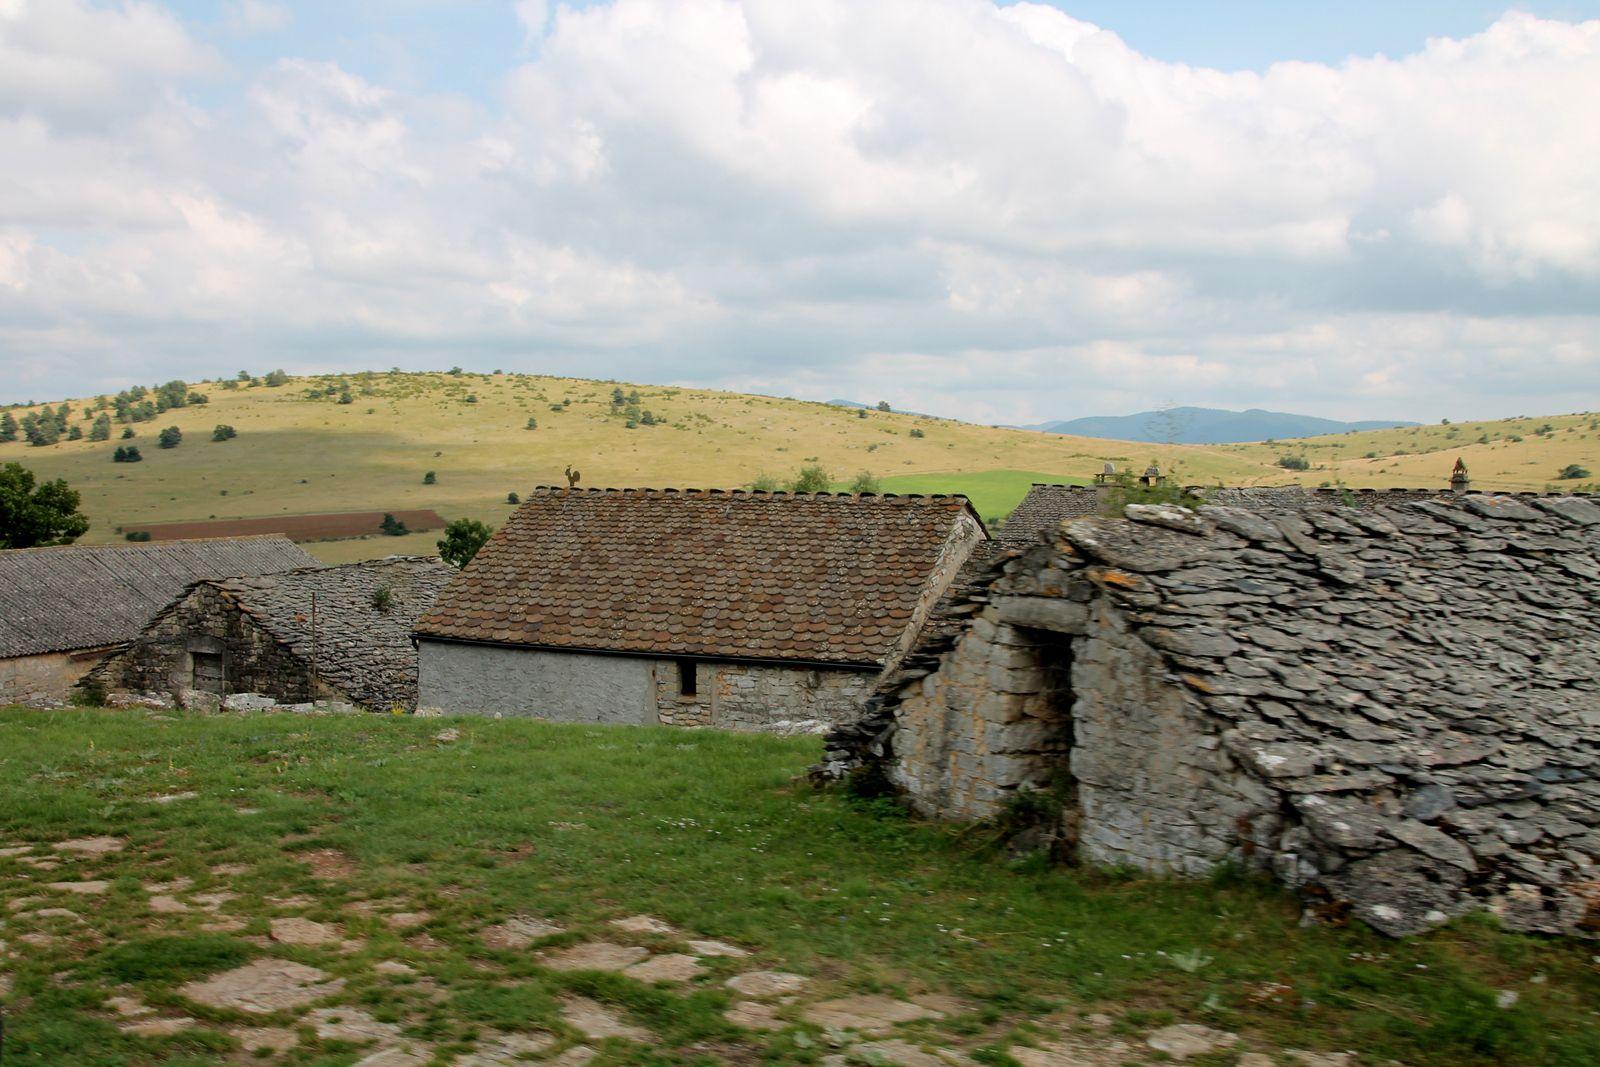 La fouace aveyronnaise - balade au moulin de la Borie sur le Causse Méjean